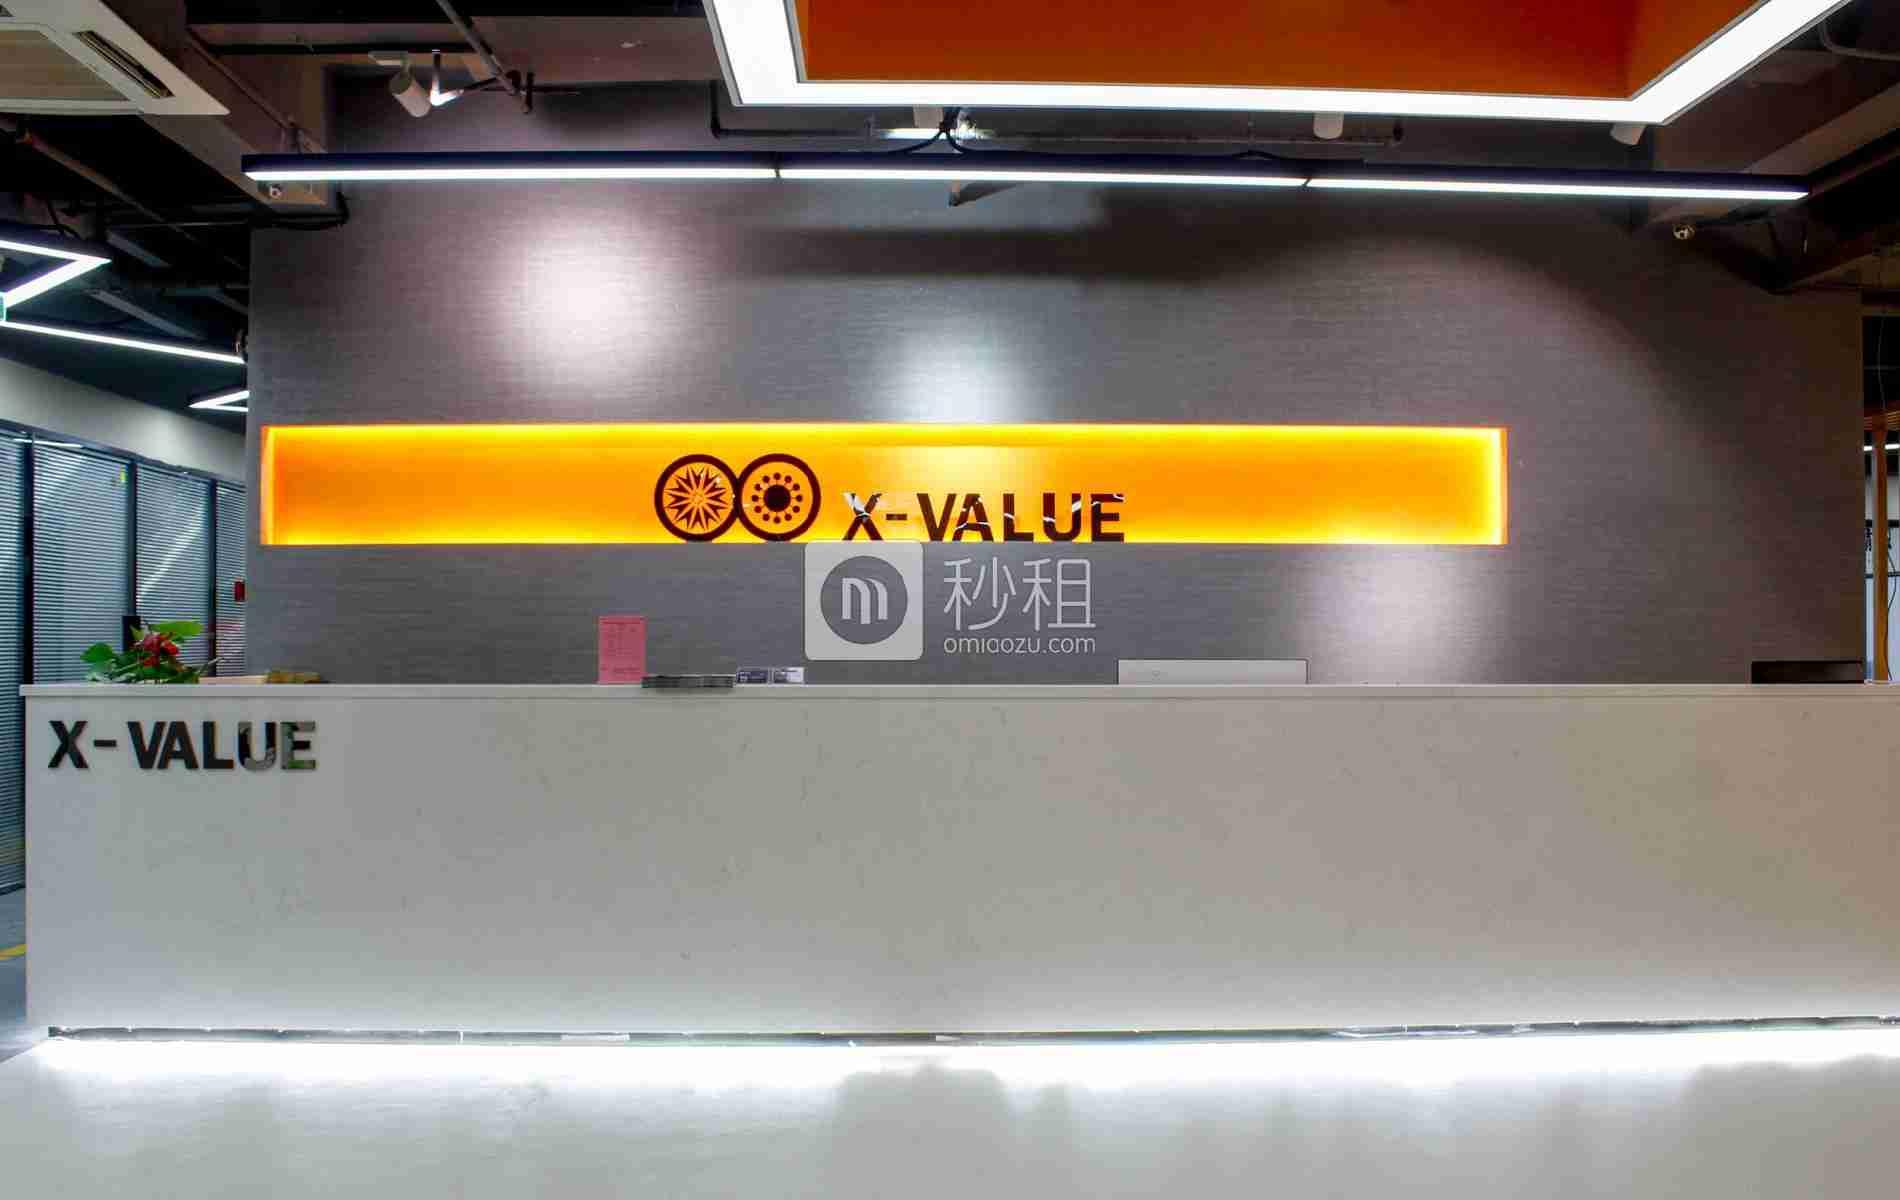 星維路X-VALUE聯合辦公-家樂大廈寫字樓出租/招租/租賃,星維路X-VALUE聯合辦公-家樂大廈辦公室出租/招租/租賃